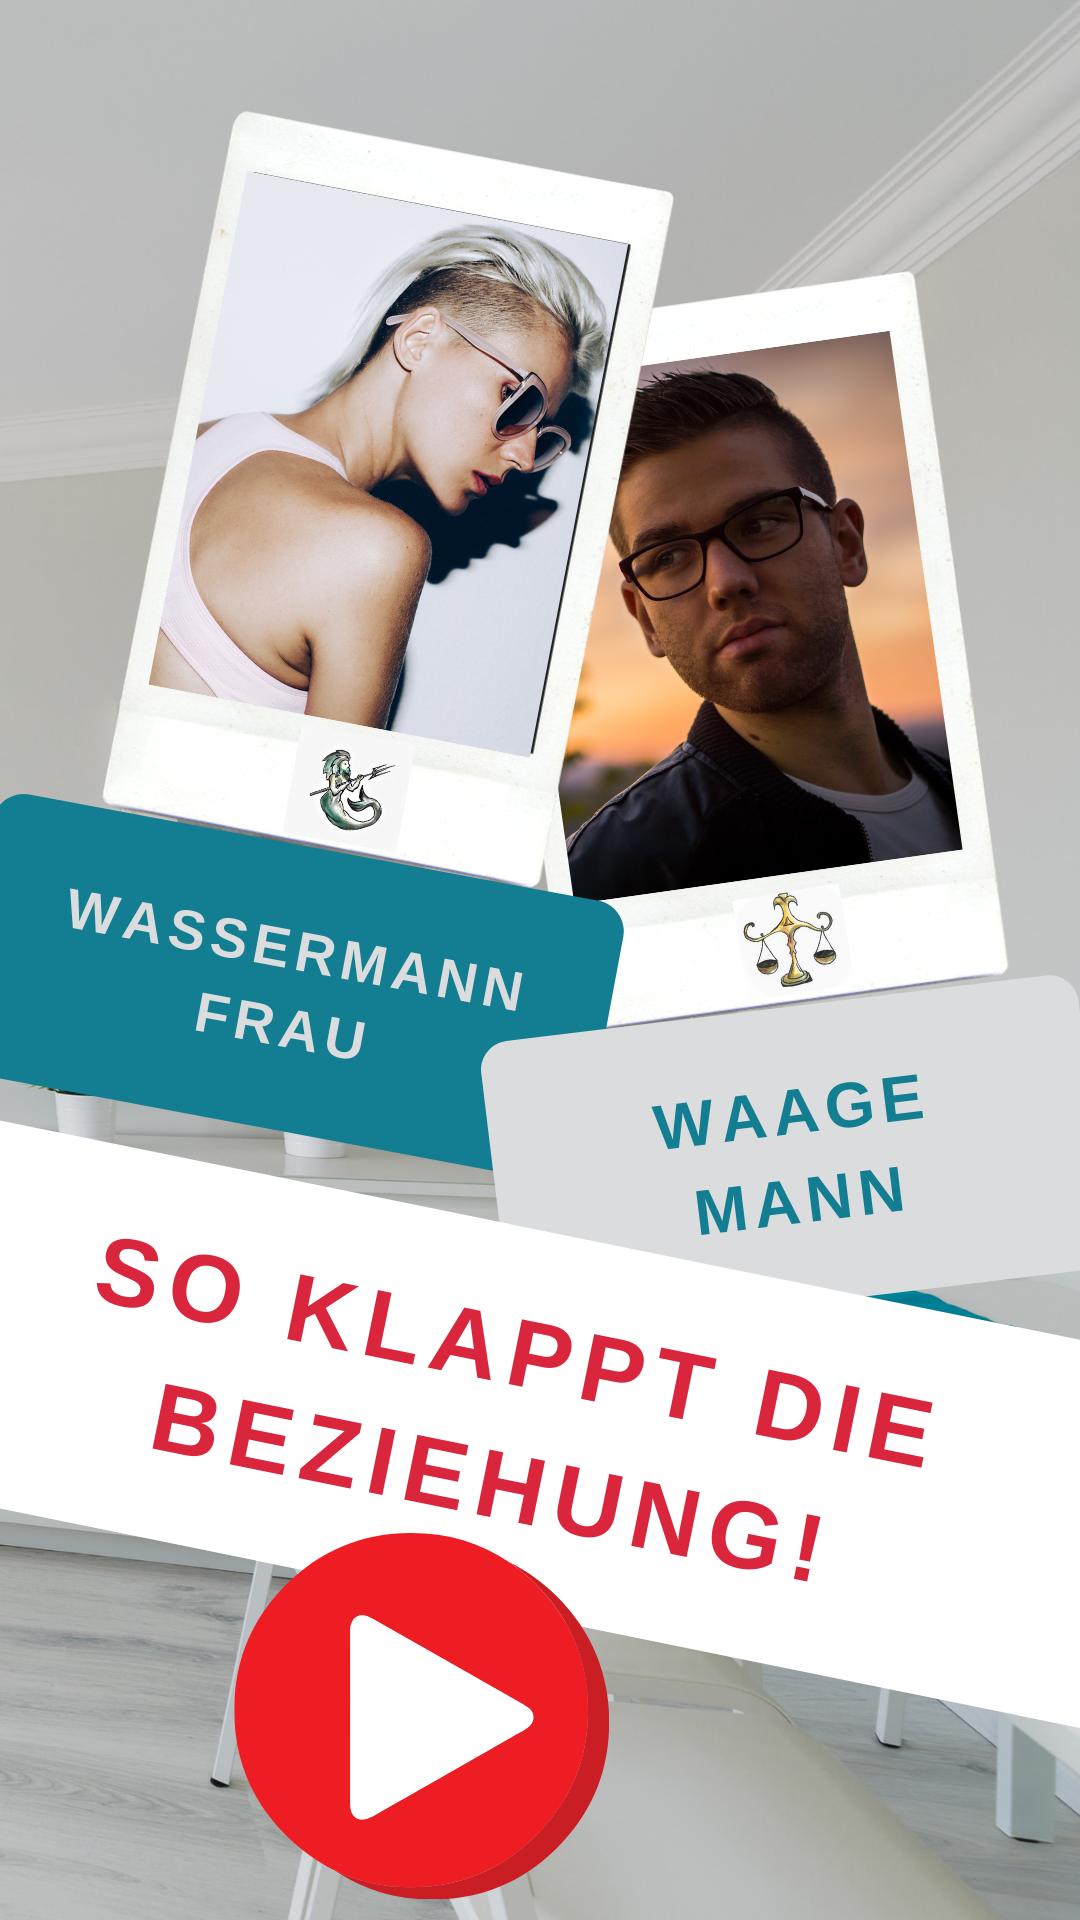 Waage Mann & Wassermann Frau - Liebe? | Waage, Wassermann